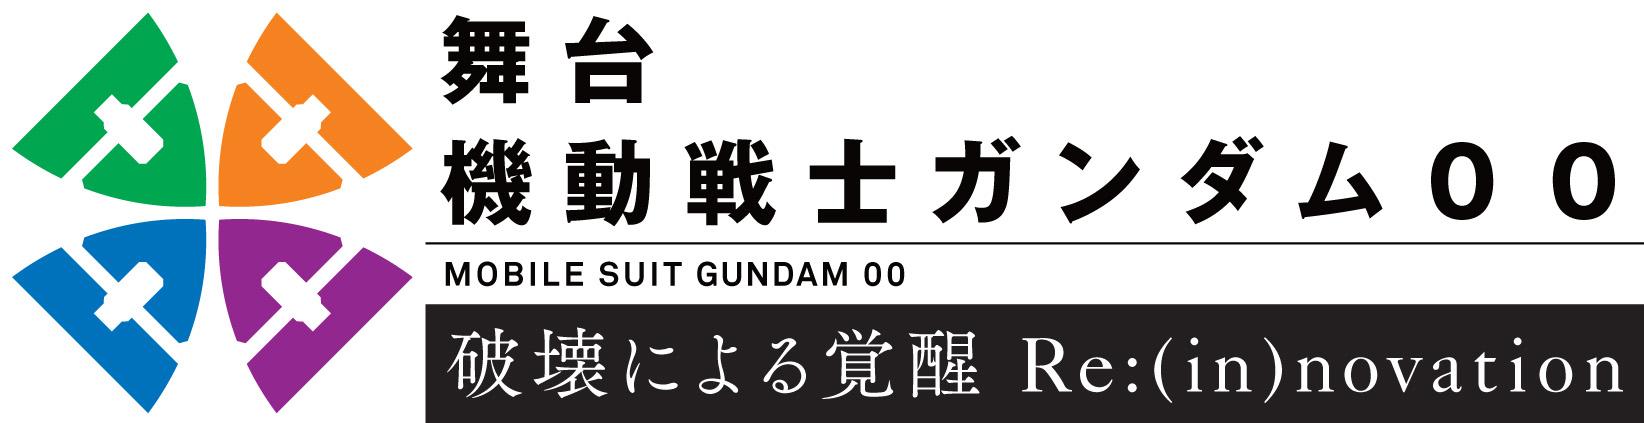 舞台『機動戦士ガンダム00-破壊による覚醒-Re:(in)novation』